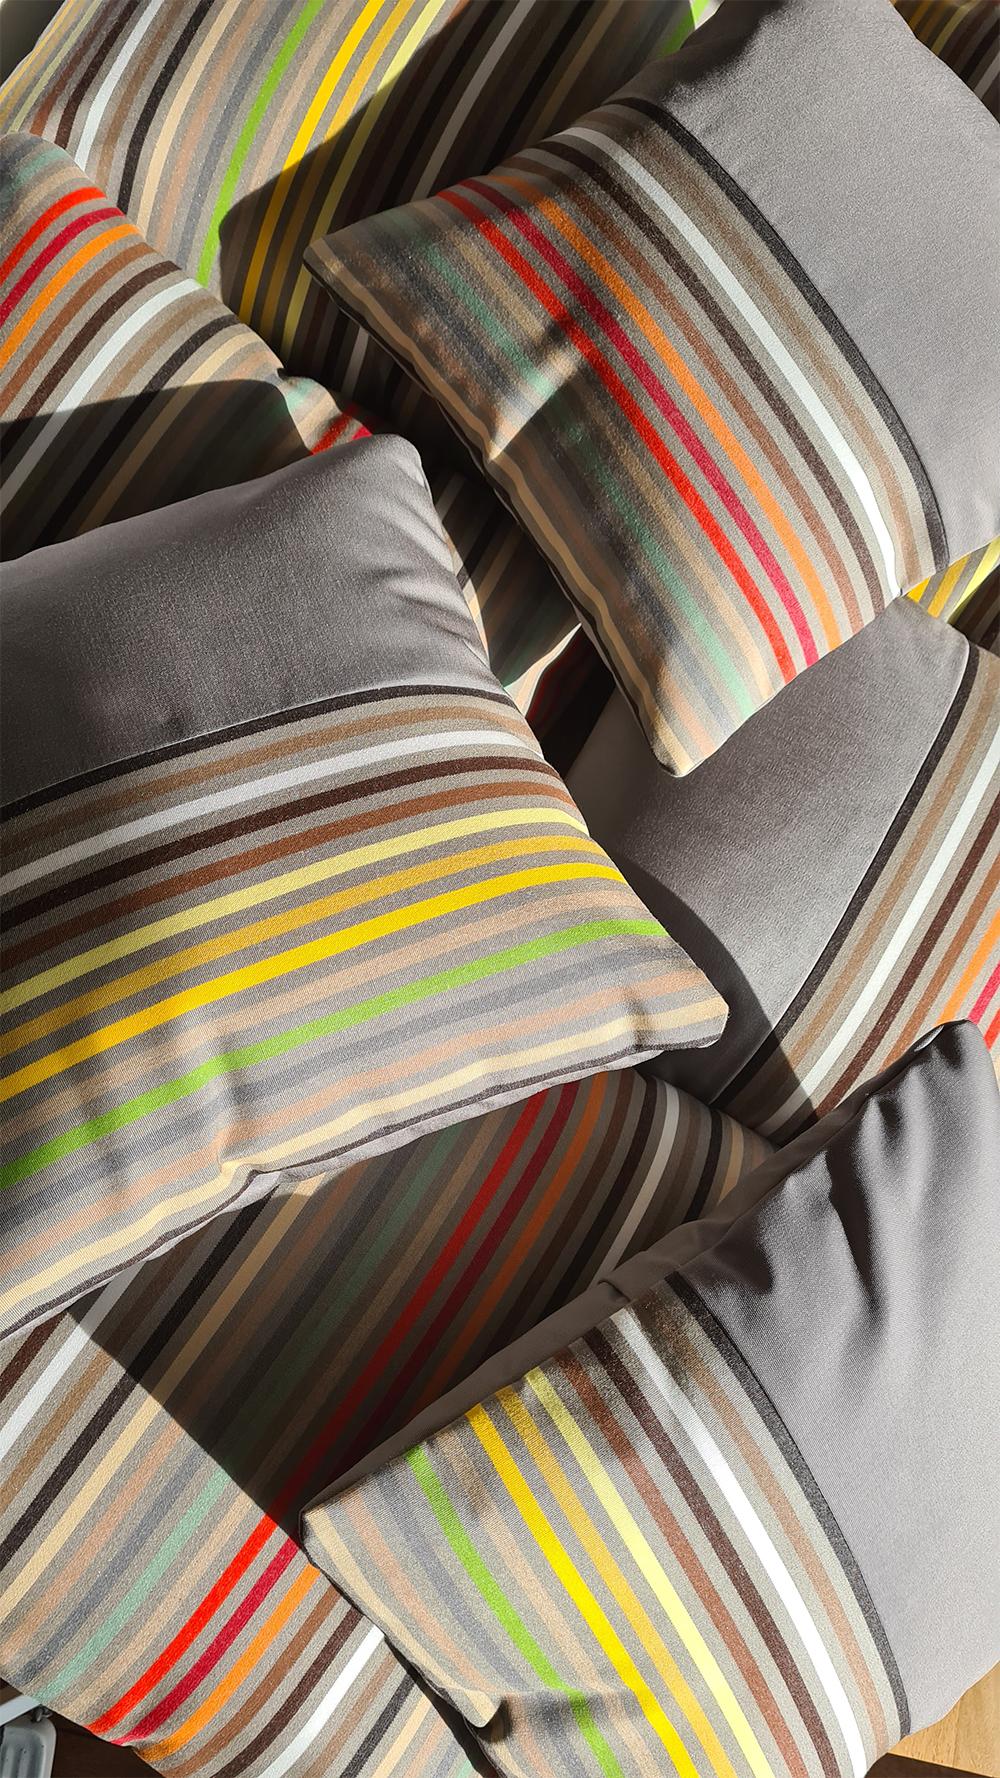 Coussins extérieurs couleurs vives haut de gamme